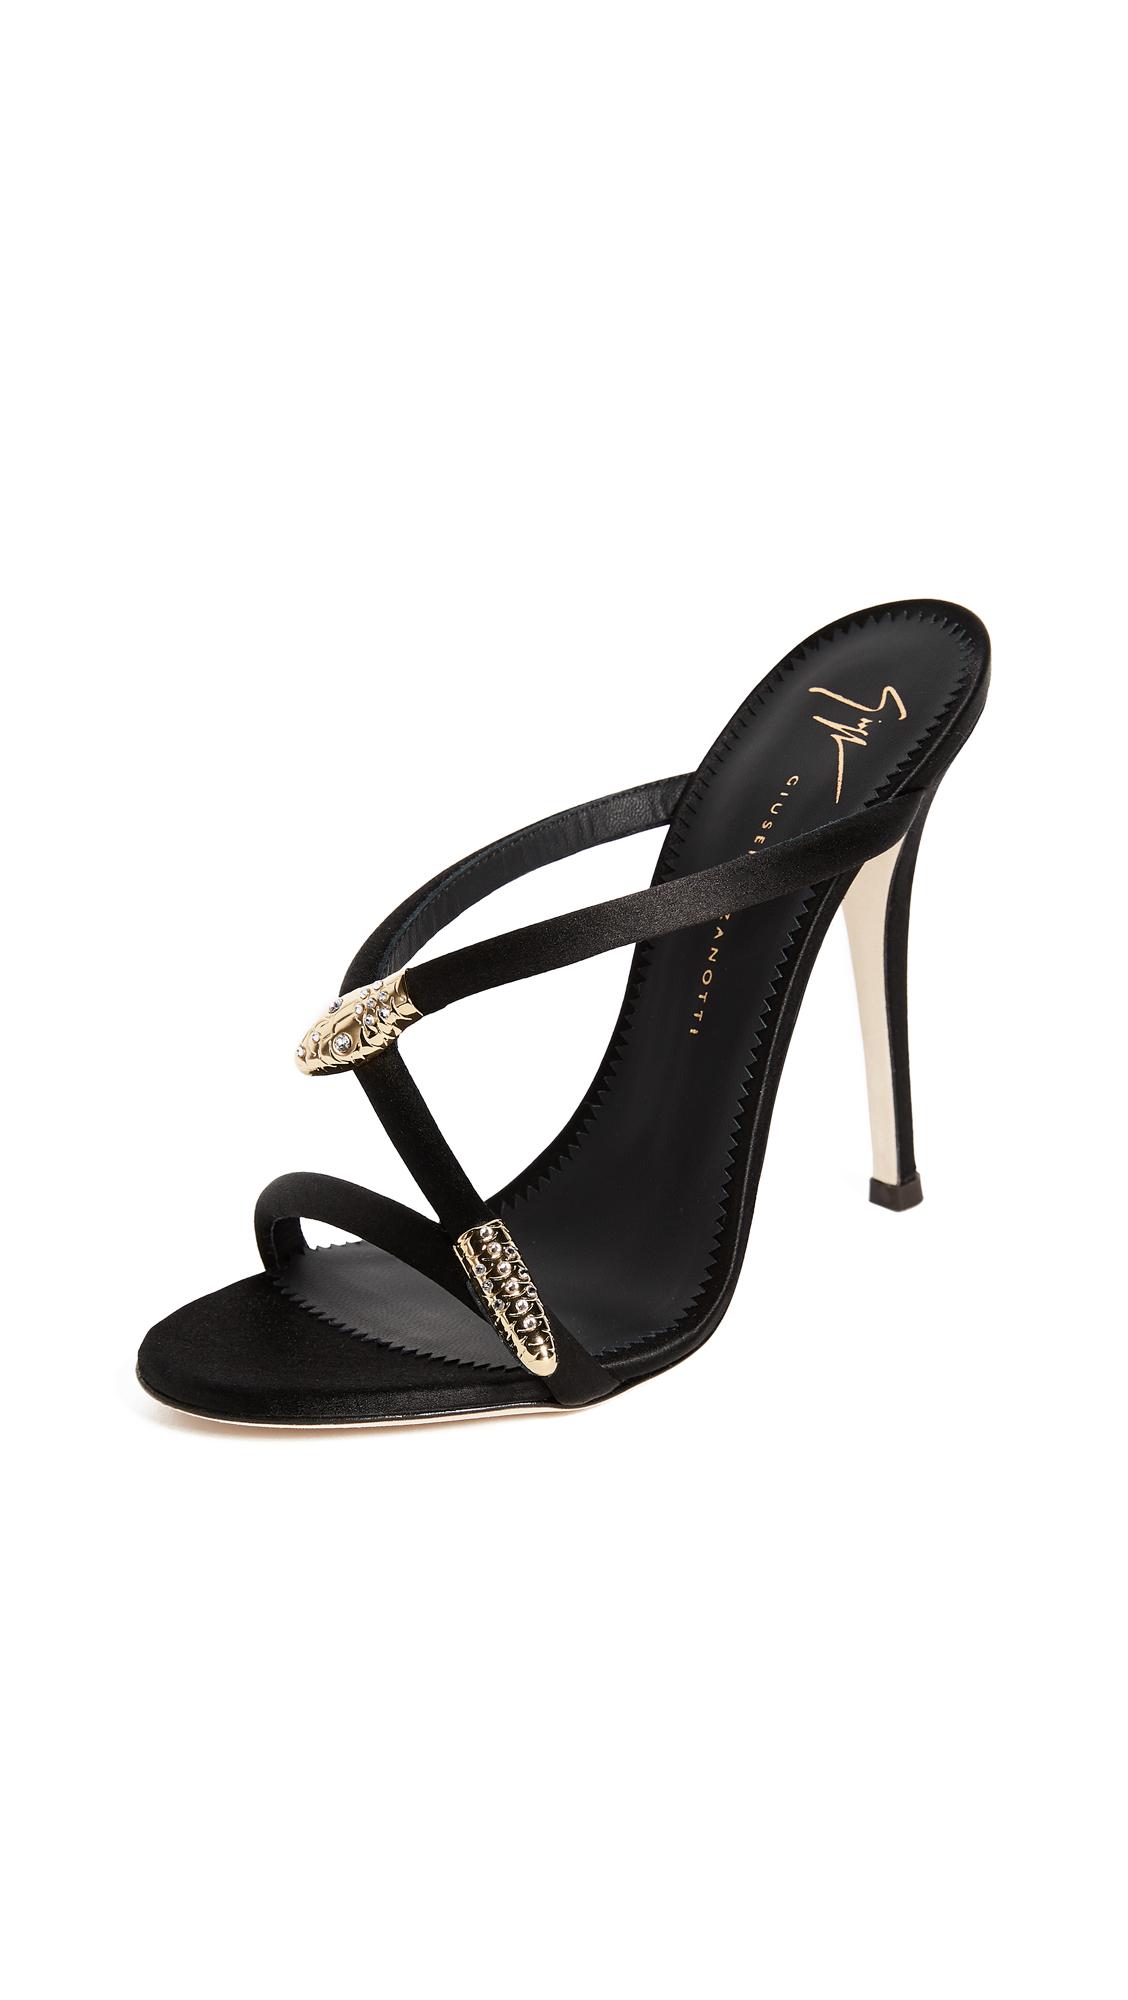 Giuseppe Zanotti Heeled Mule Sandals - Nero